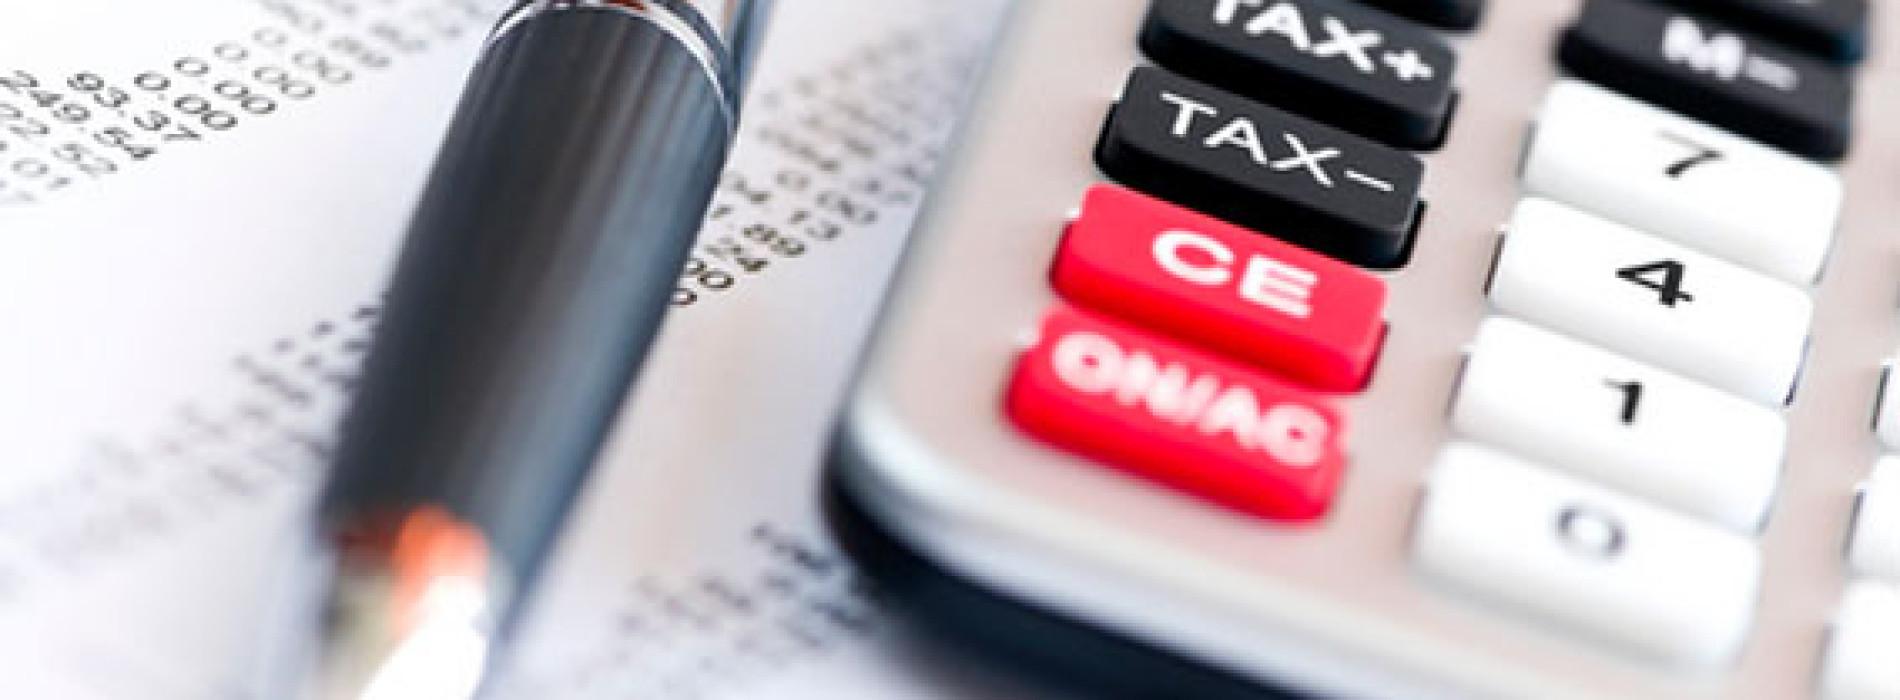 Co podlega limitom podatkowym w 2013 roku?